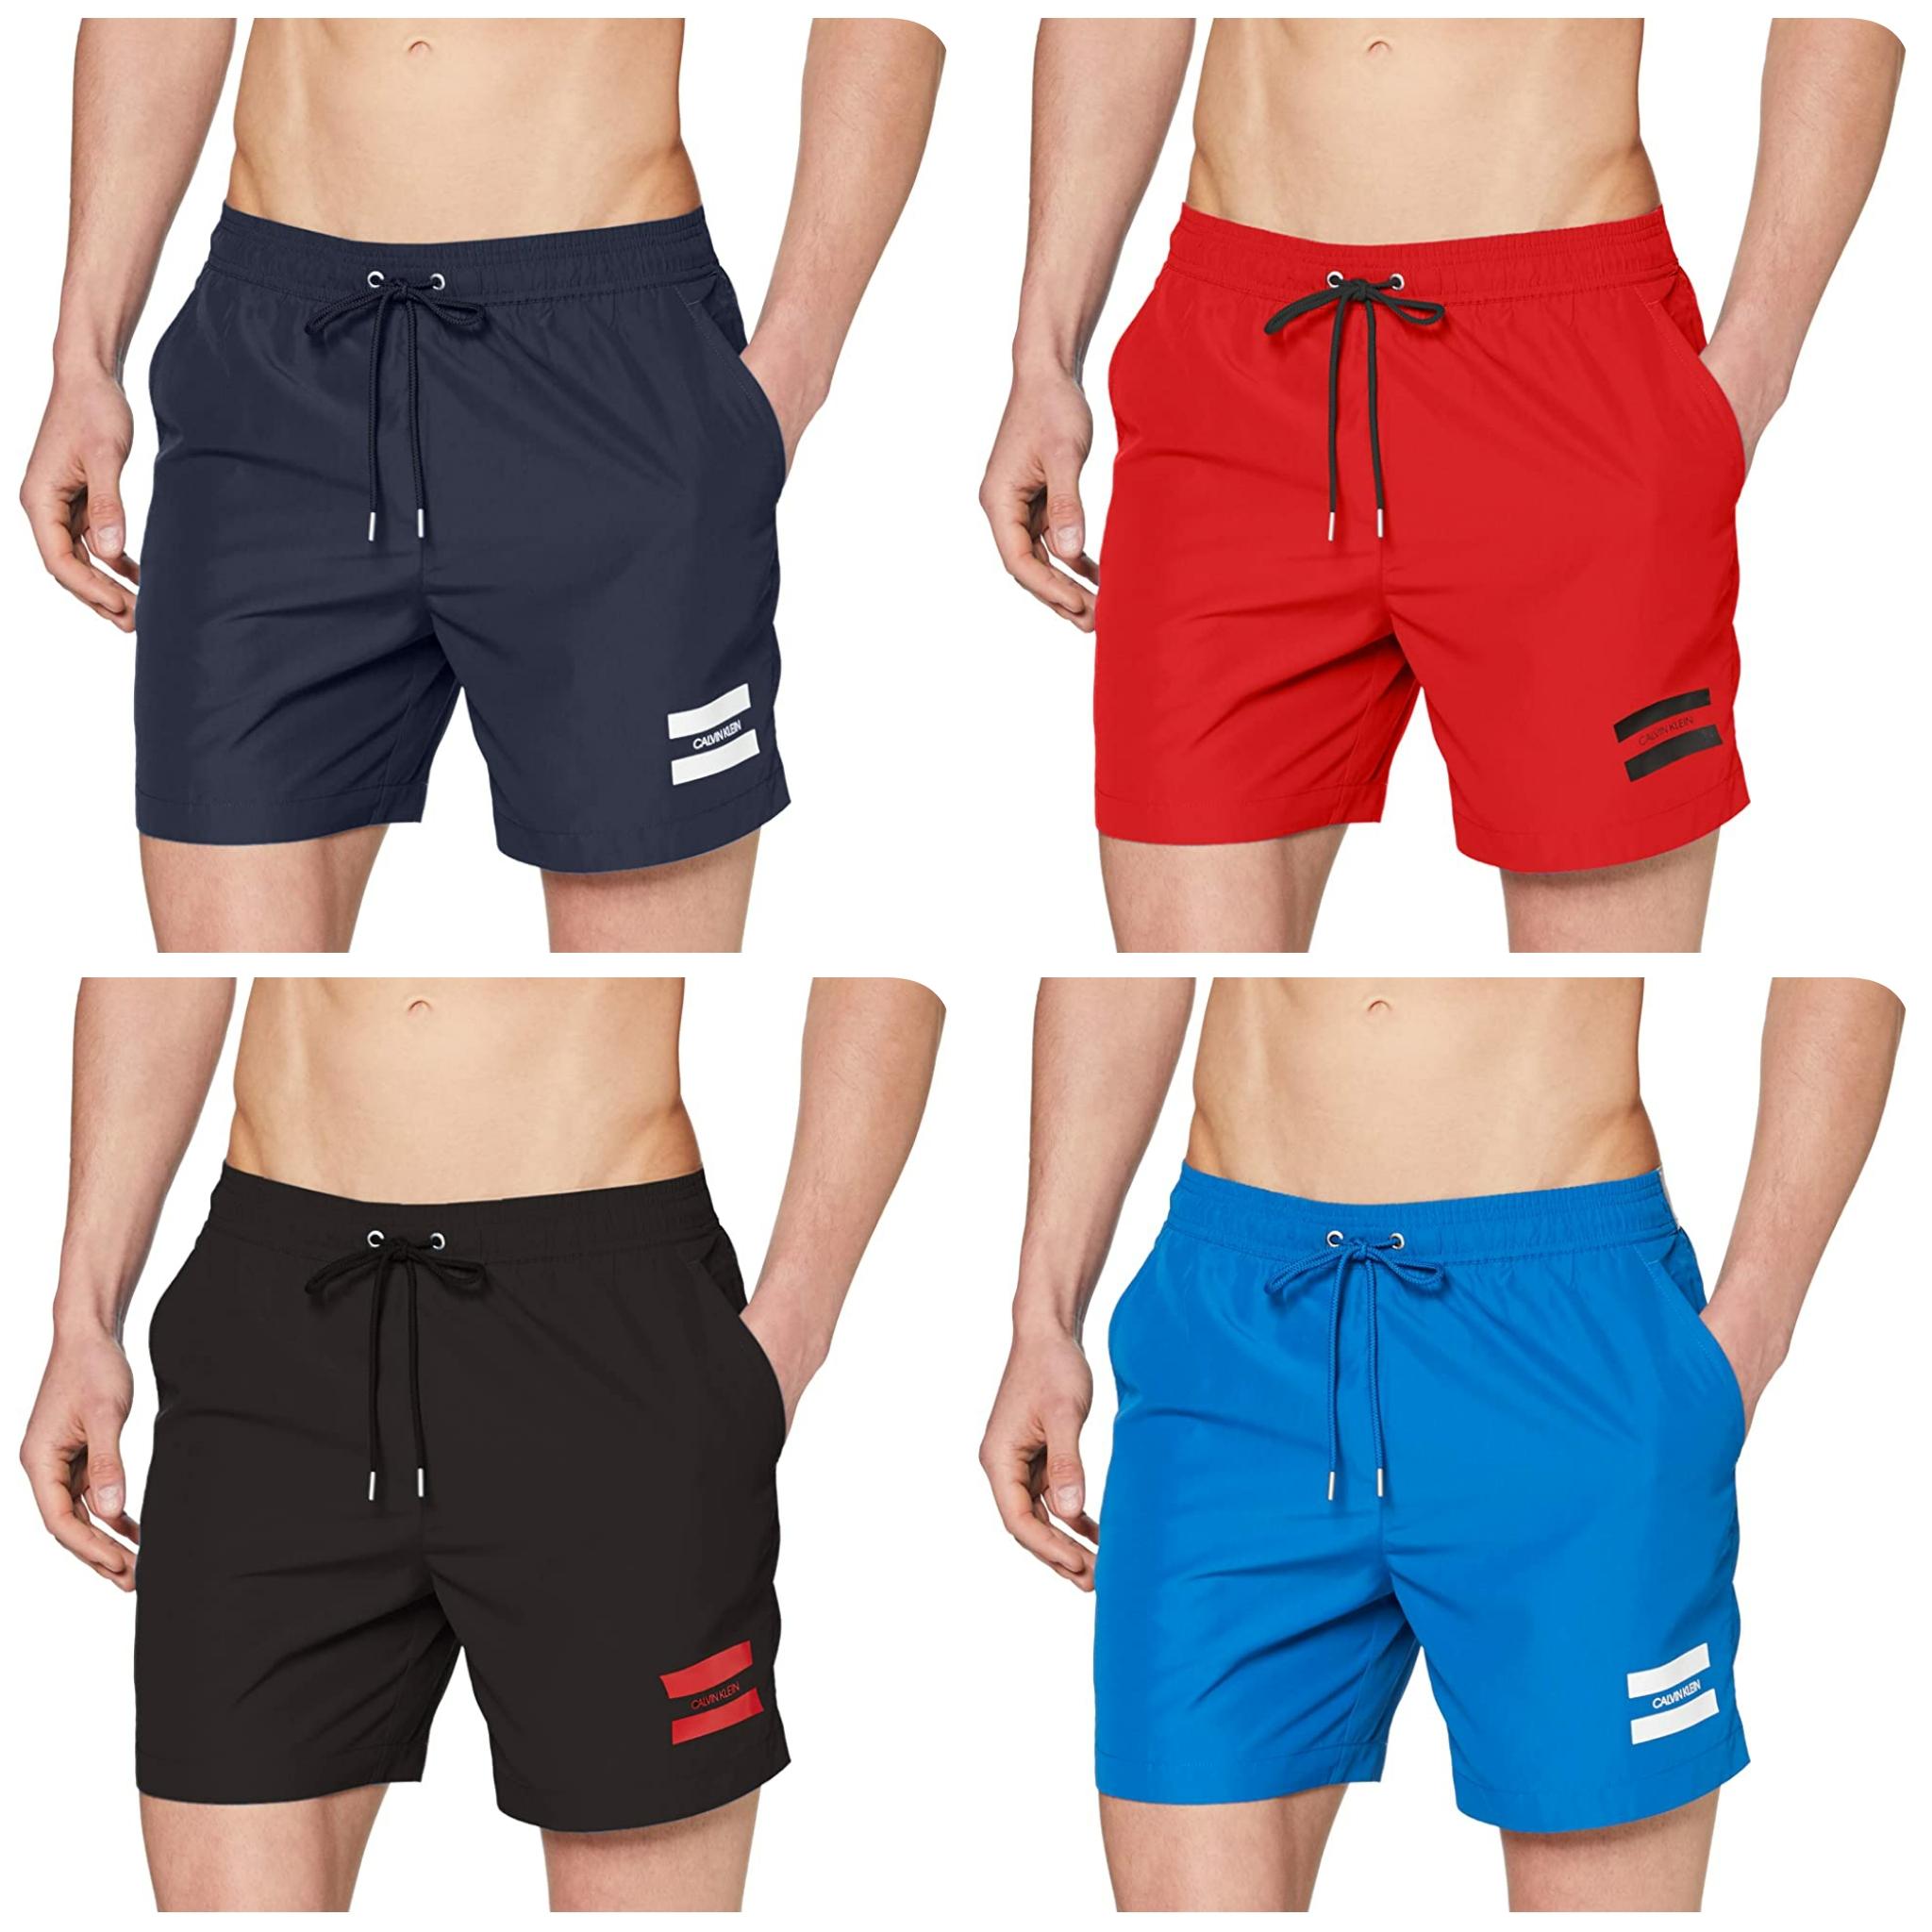 Calvin Klein Pantaloncini Swimwear Uomo (Diverse taglie e colori disponibili)